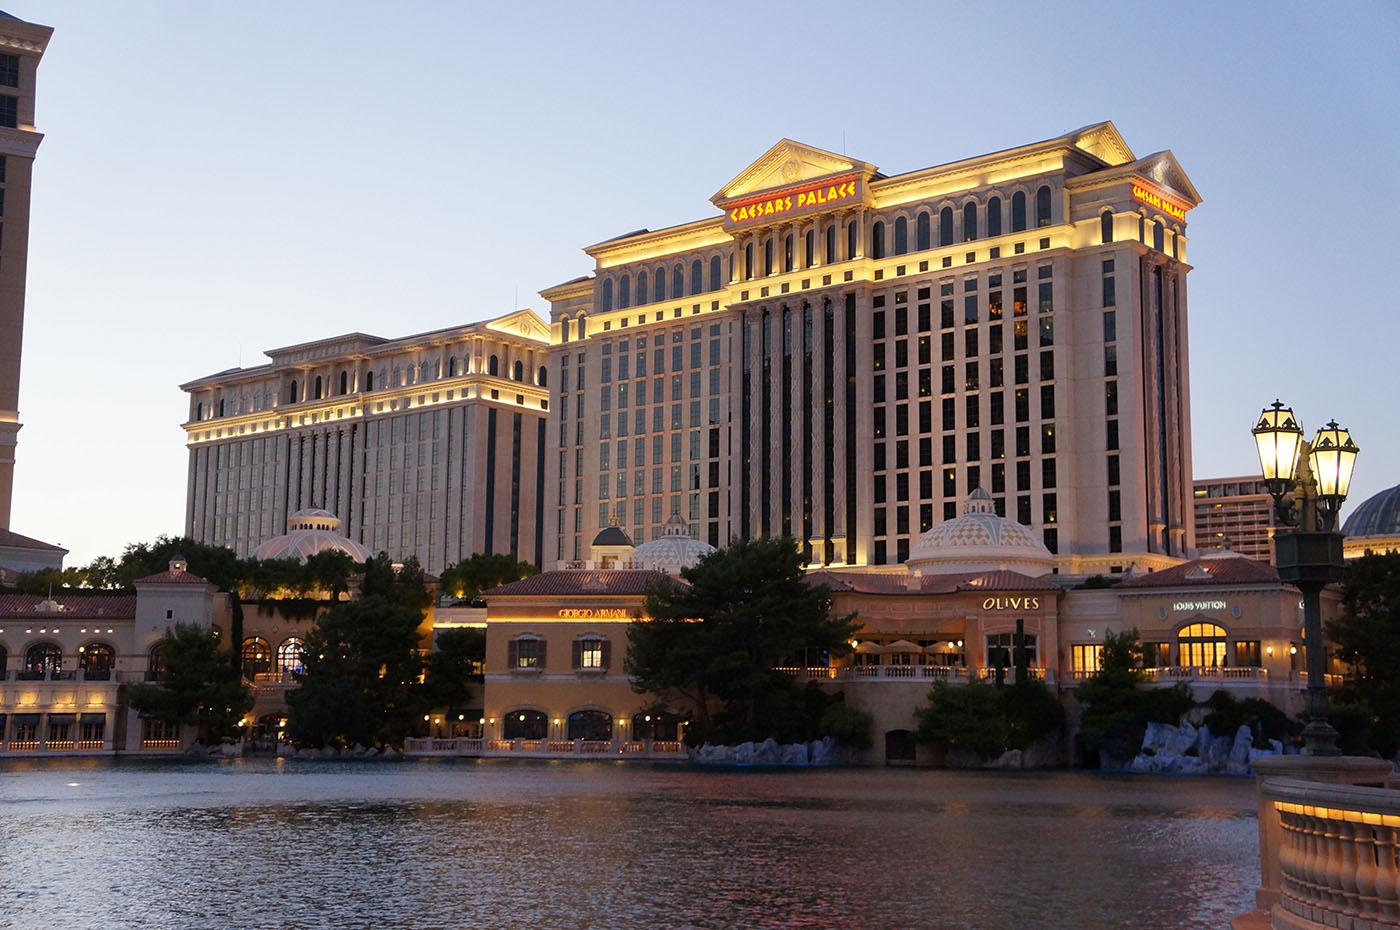 Le Caesars Palace vue de nuit tout illuminé